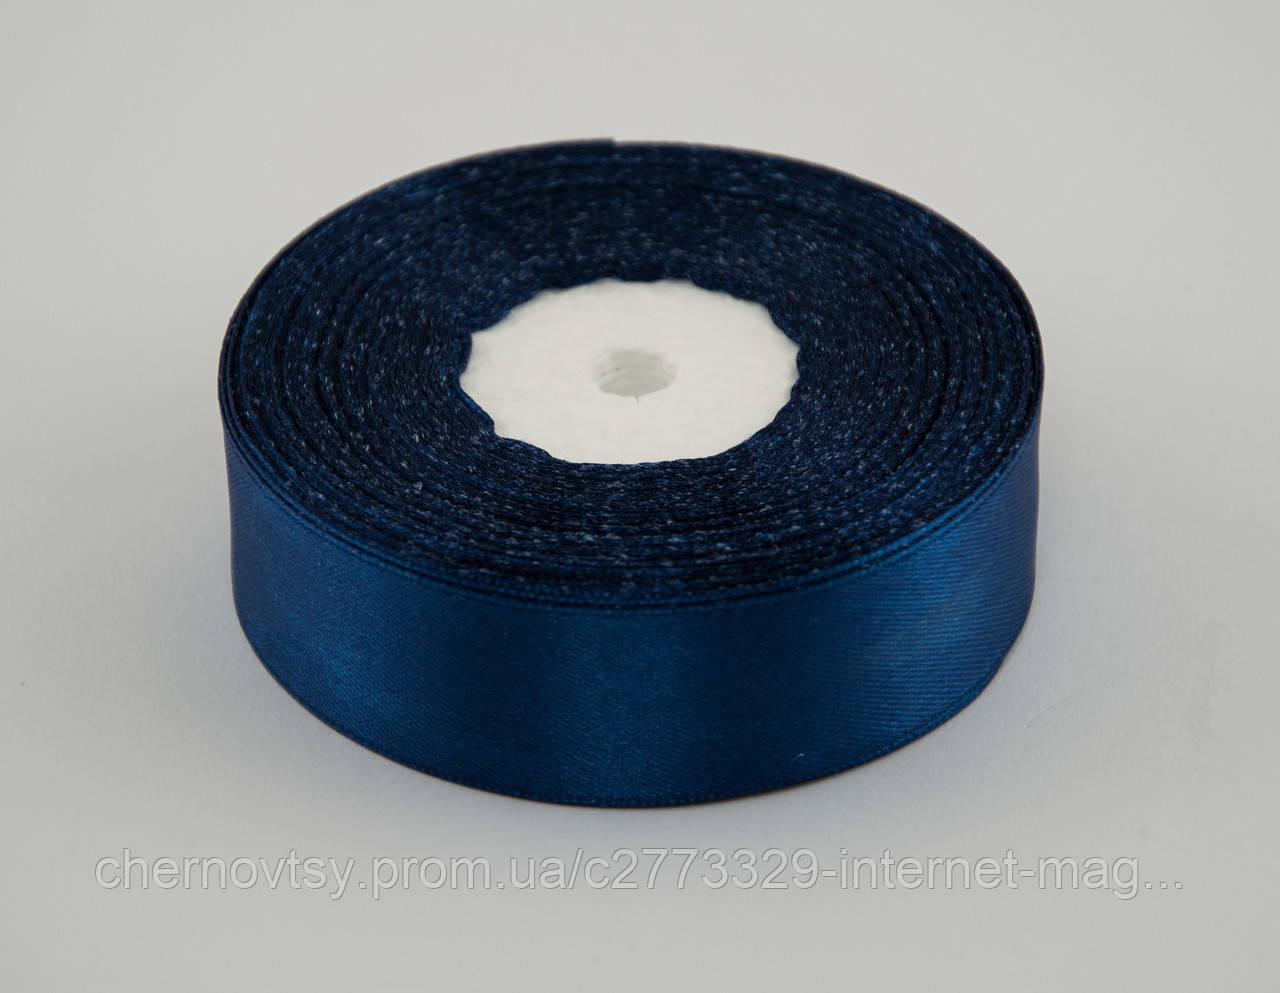 Лента атлас 2 см, 33 м, № 38 темно синяя